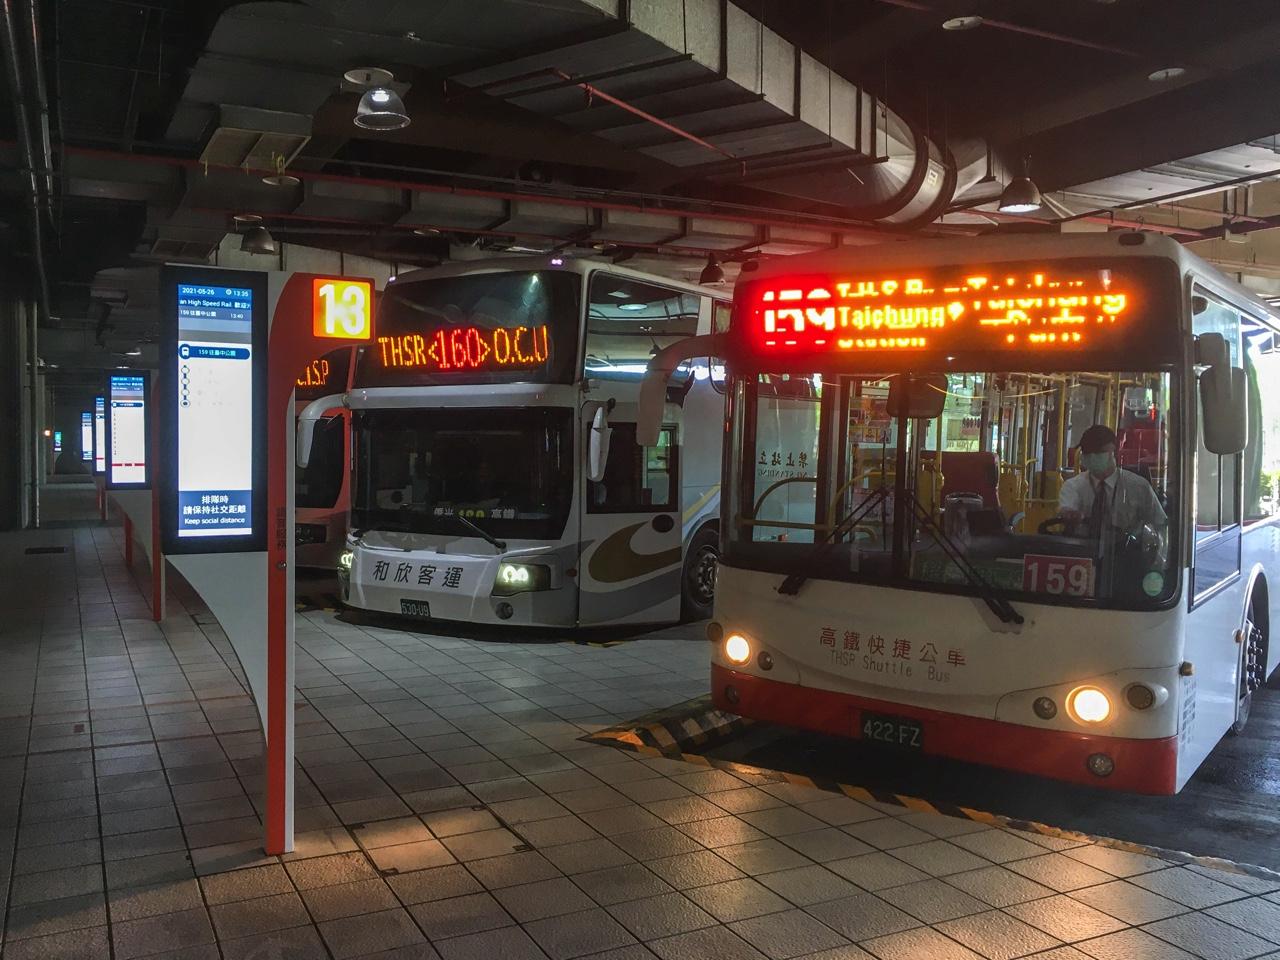 13番バス乗り場